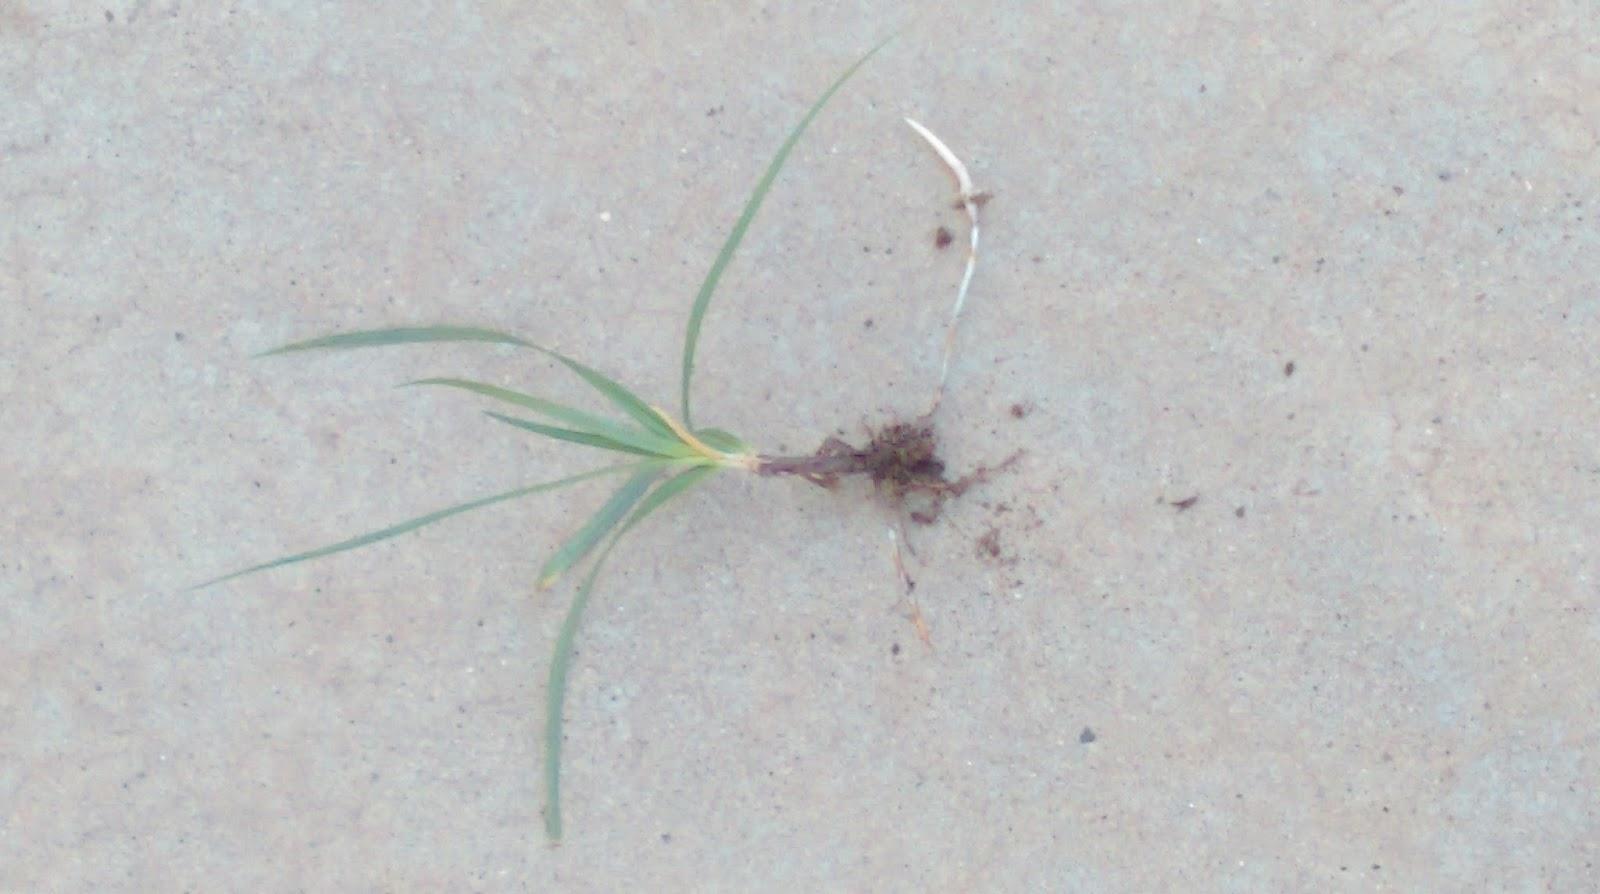 StillRoom Adventures: Getting Rid of Nutgrass